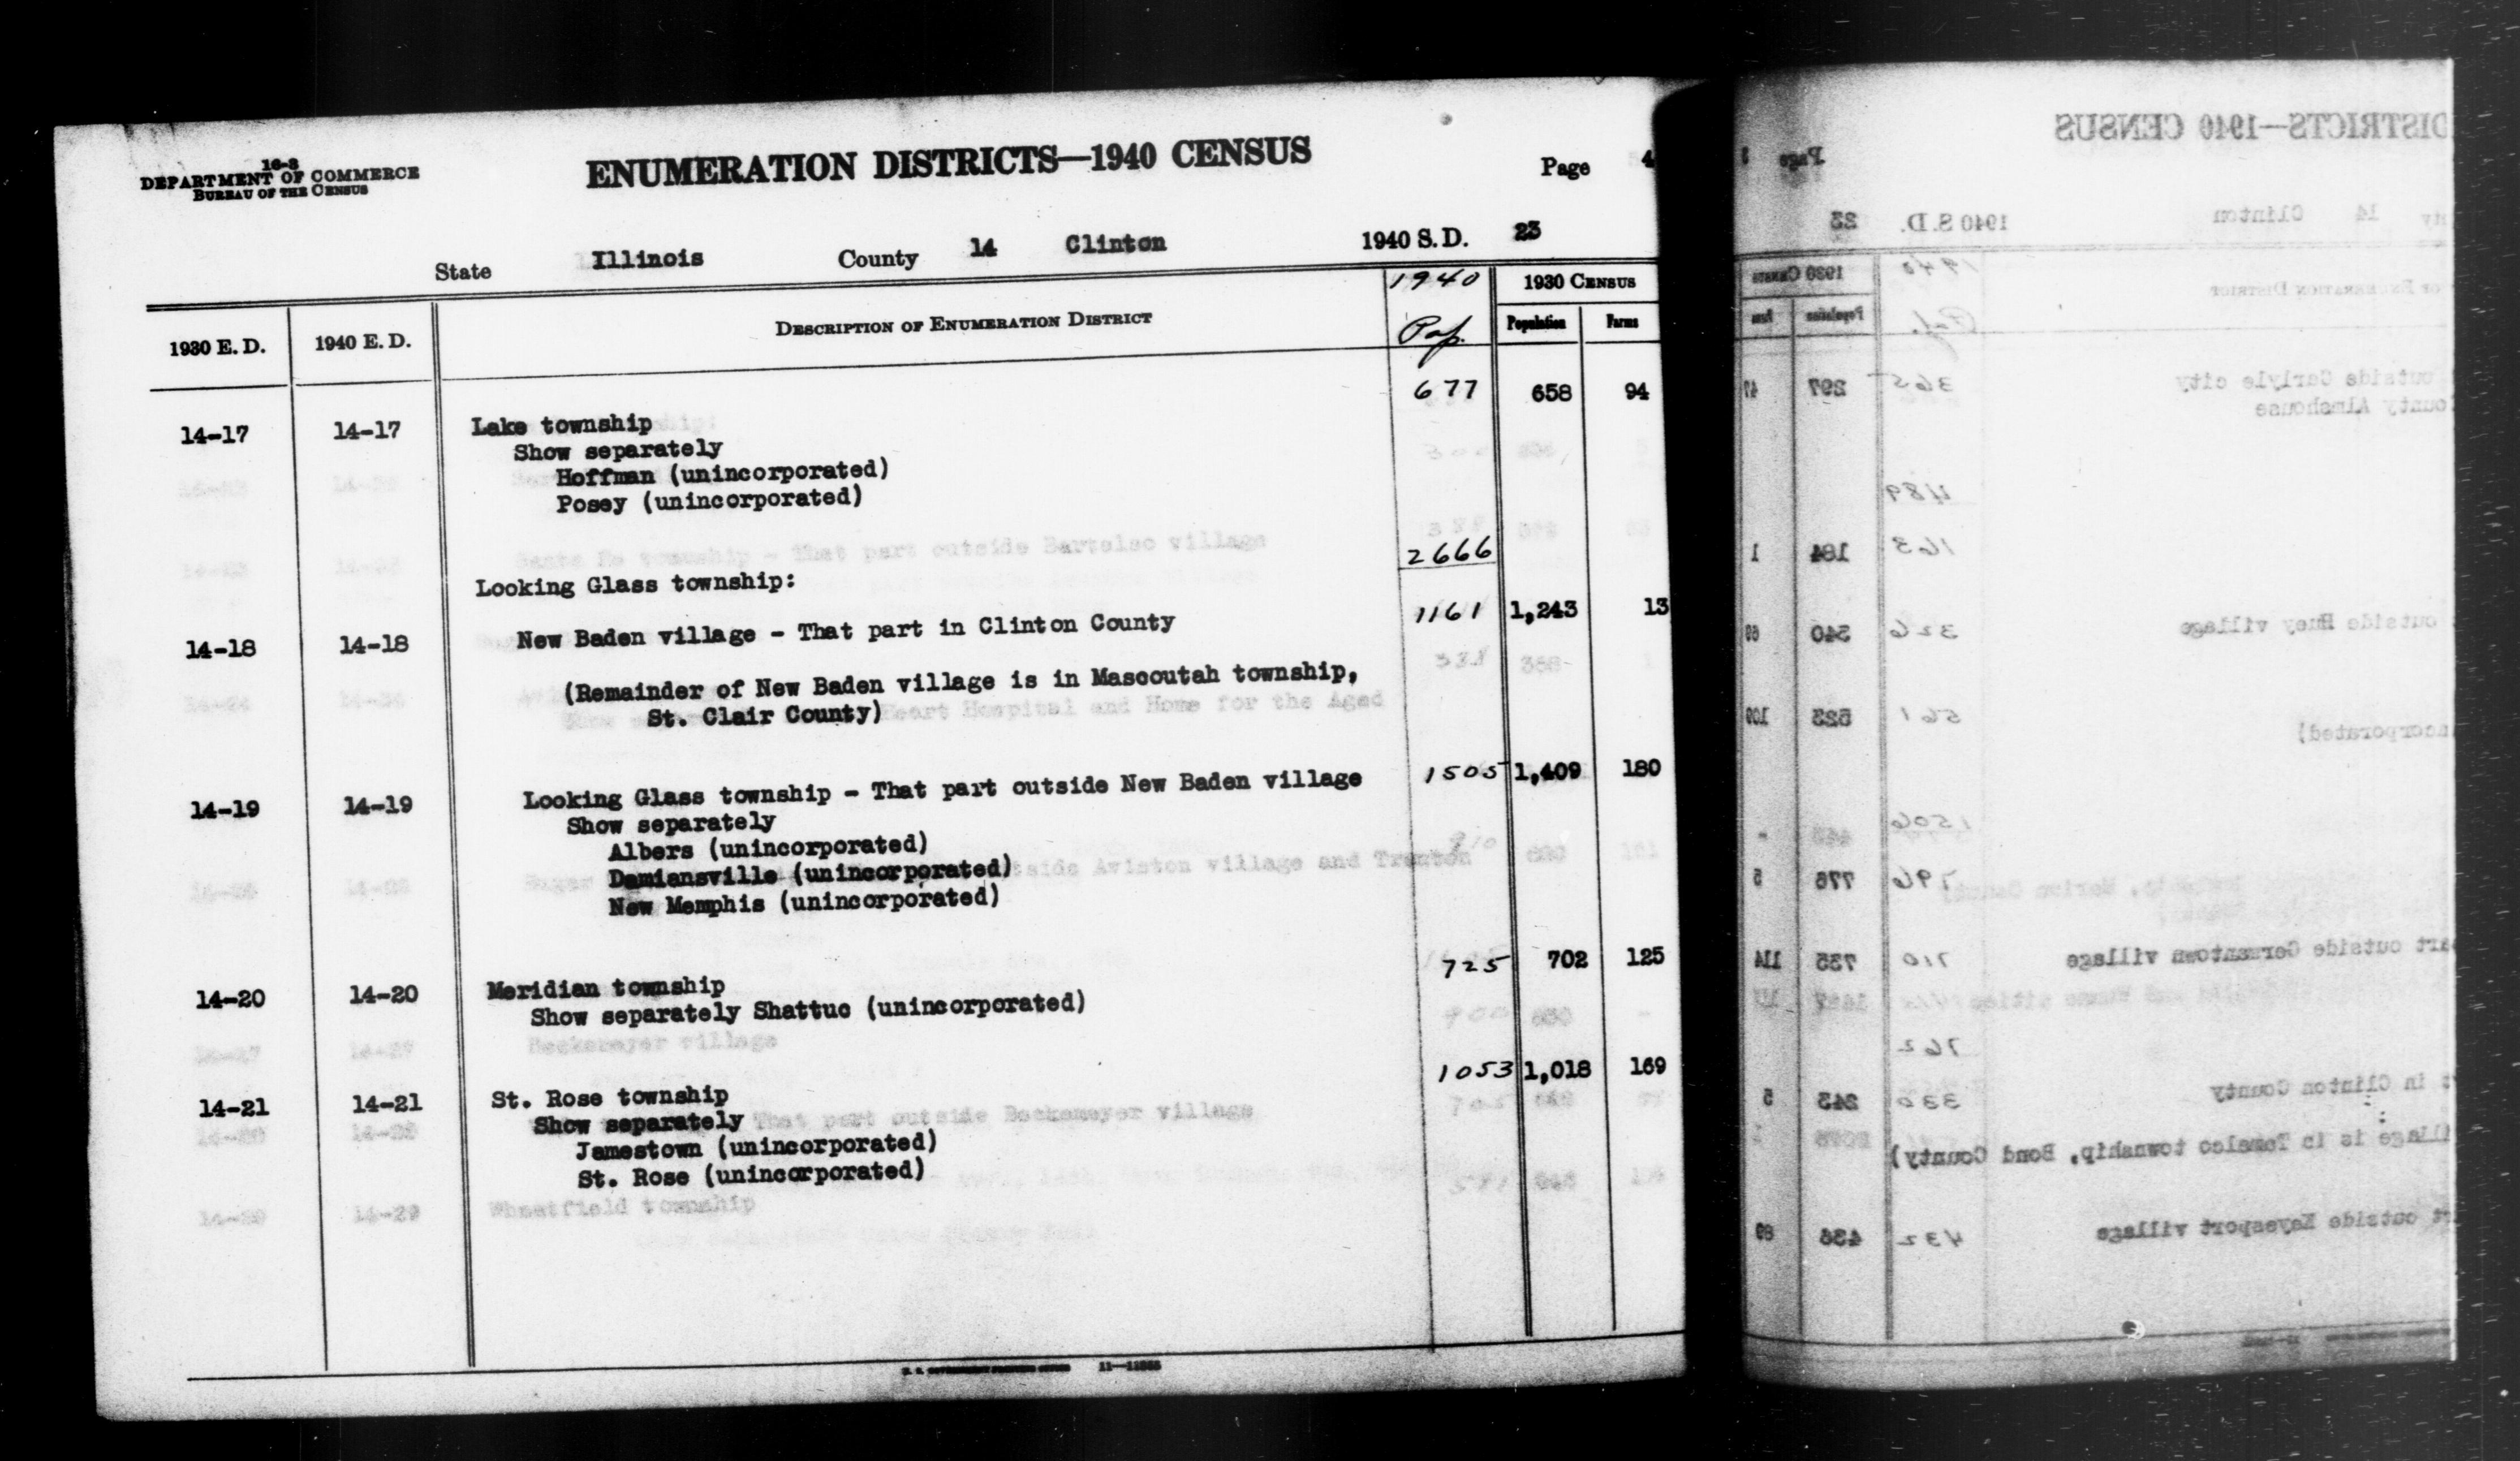 1940 Census Enumeration District Descriptions - Illinois - Clinton County - ED 14-17, ED 14-18, ED 14-19, ED 14-20, ED 14-21